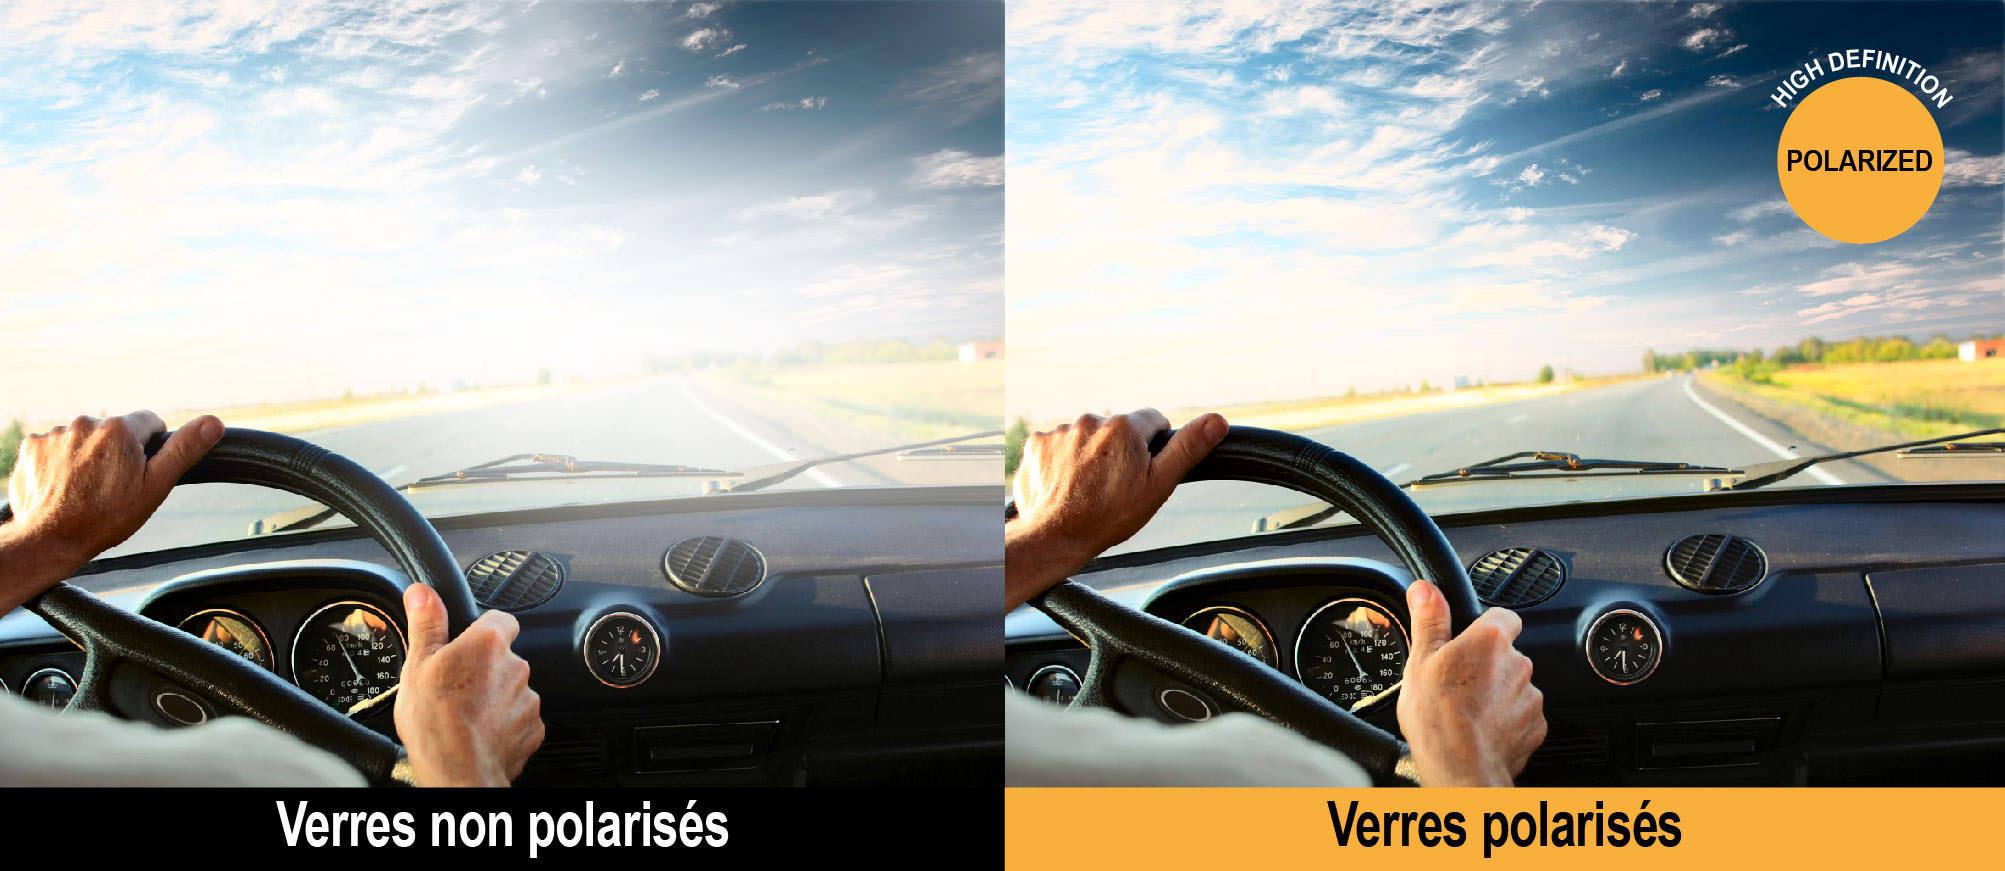 Les lunettes de soleil Horizane procurent un confort visuel nettement  supérieur aux lunettes de soleil traditionnelles. c29dff8c9628